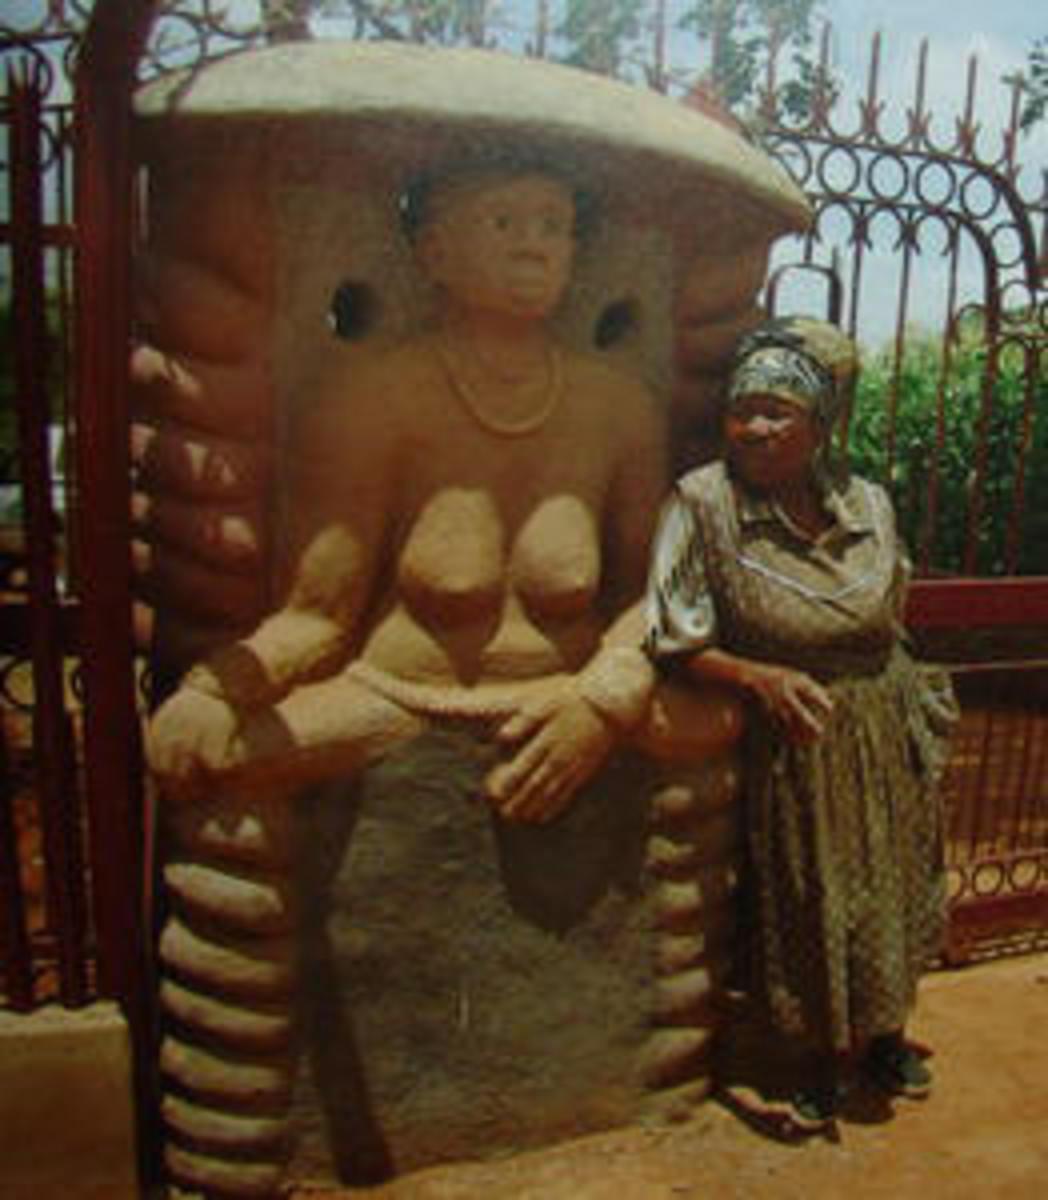 Renowned Venda Artist Noria Mabasa was born in Xigalo village in 1938